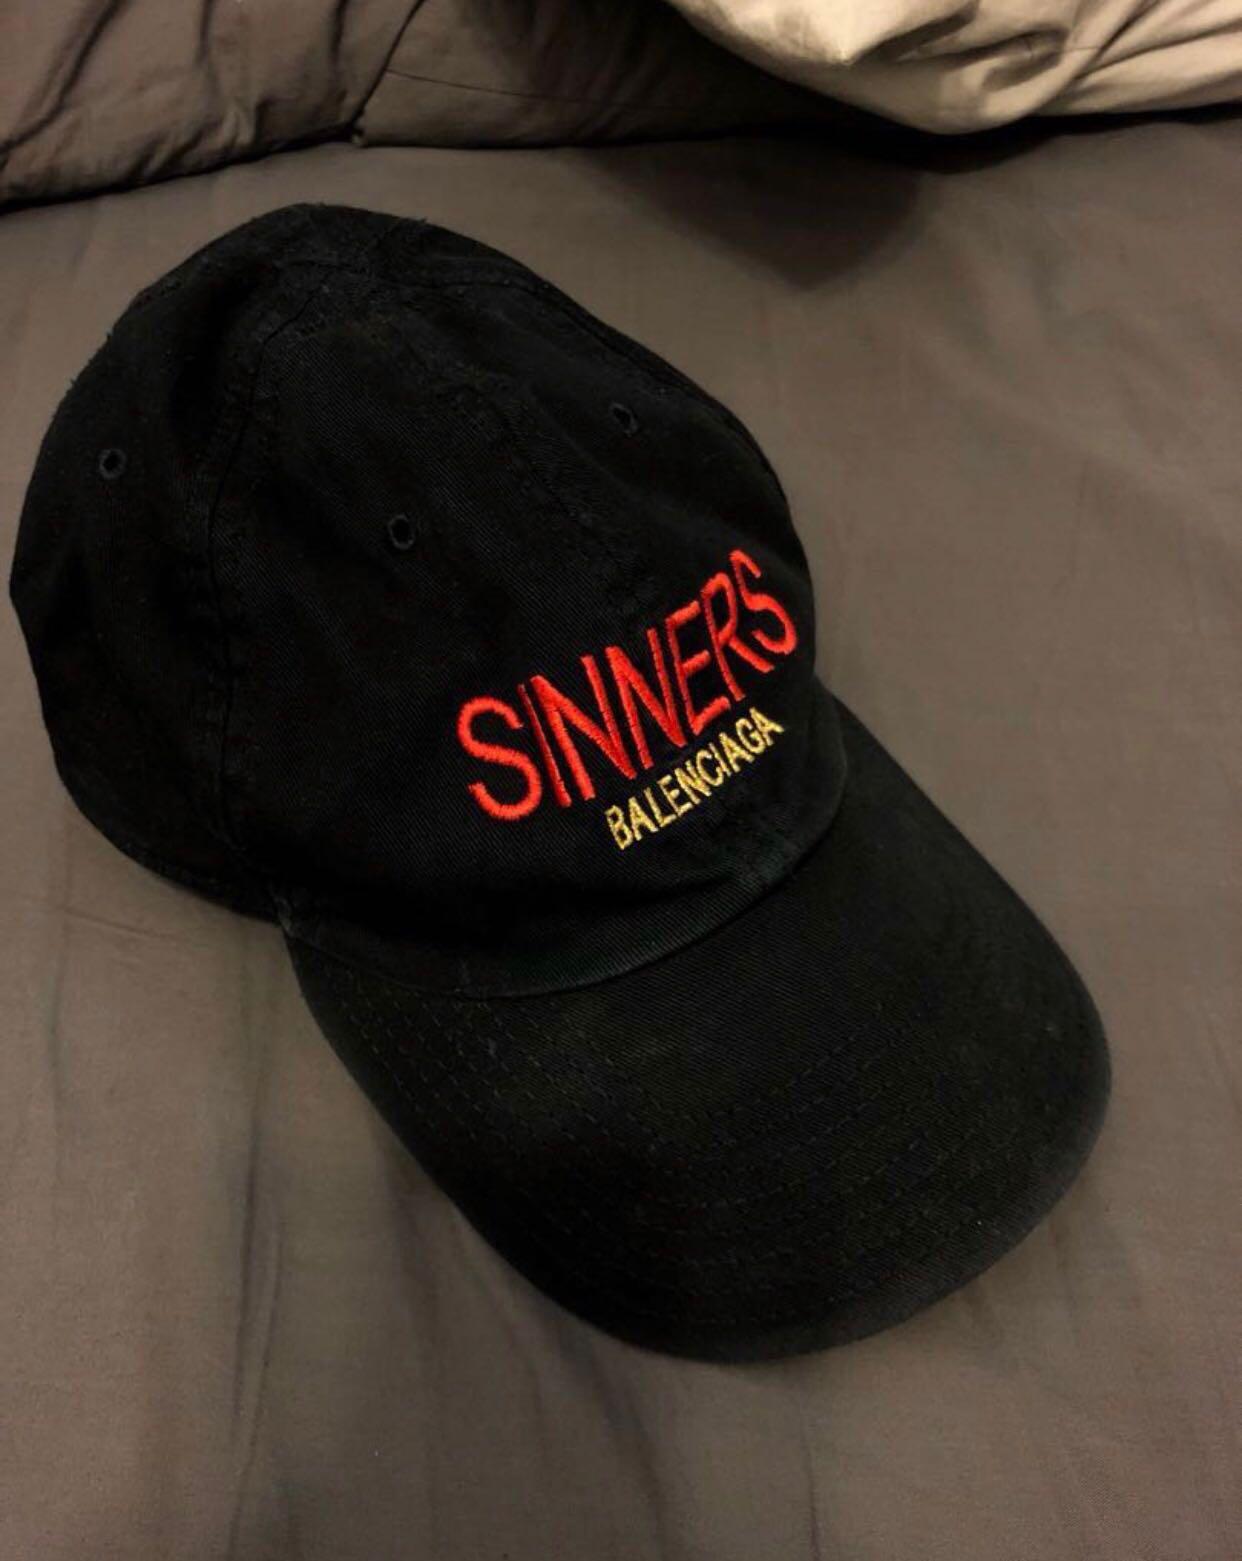 84590a77 Balenciaga Sinners Cap, Men's Fashion, Accessories, Caps & Hats on Carousell